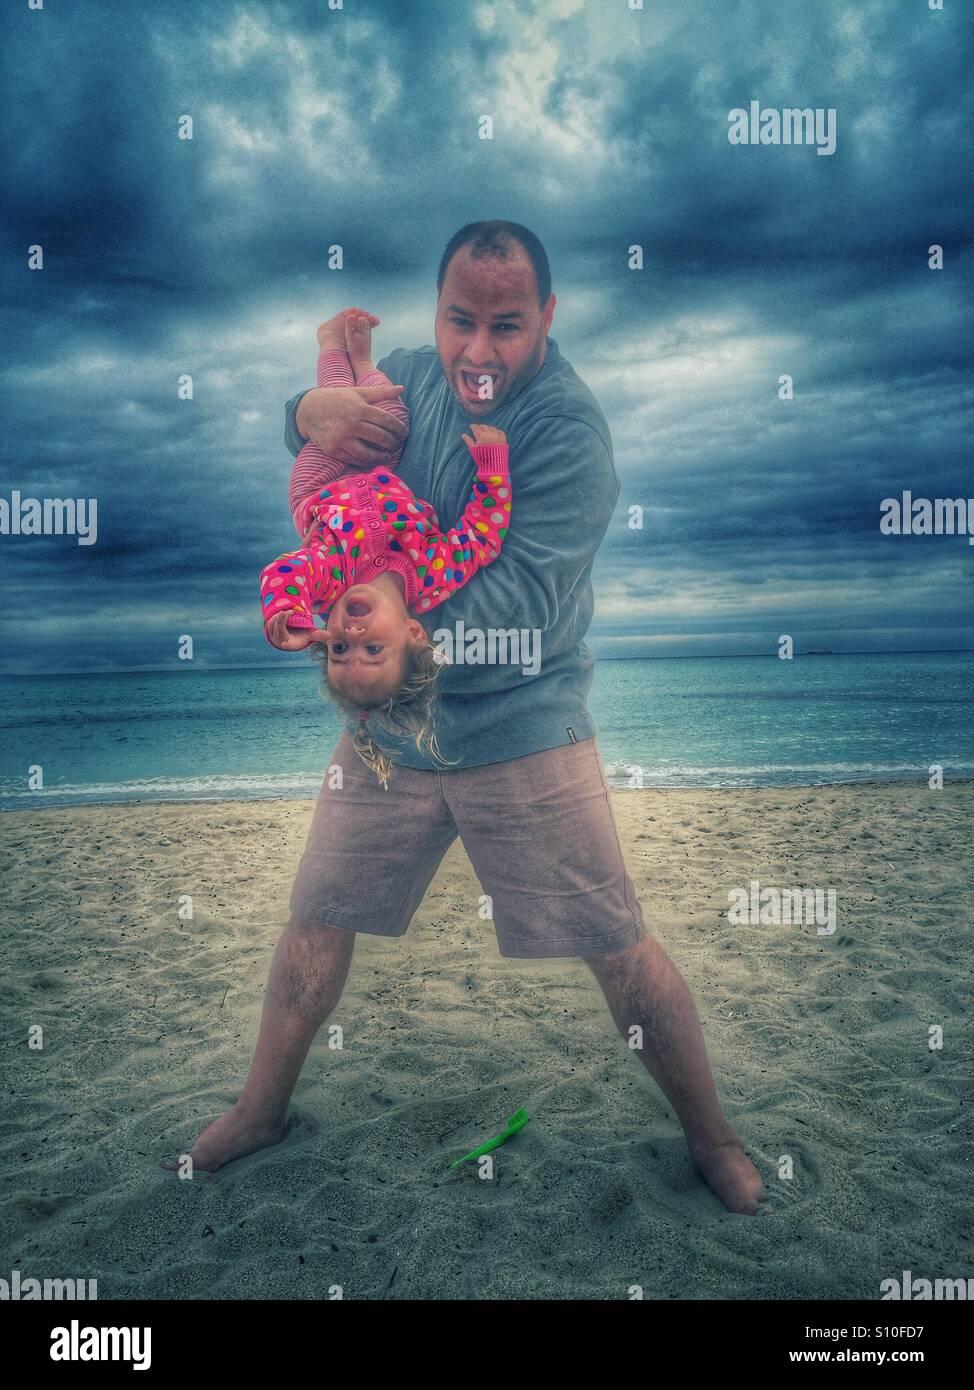 Père et fille jouer sur la plage Photo Stock